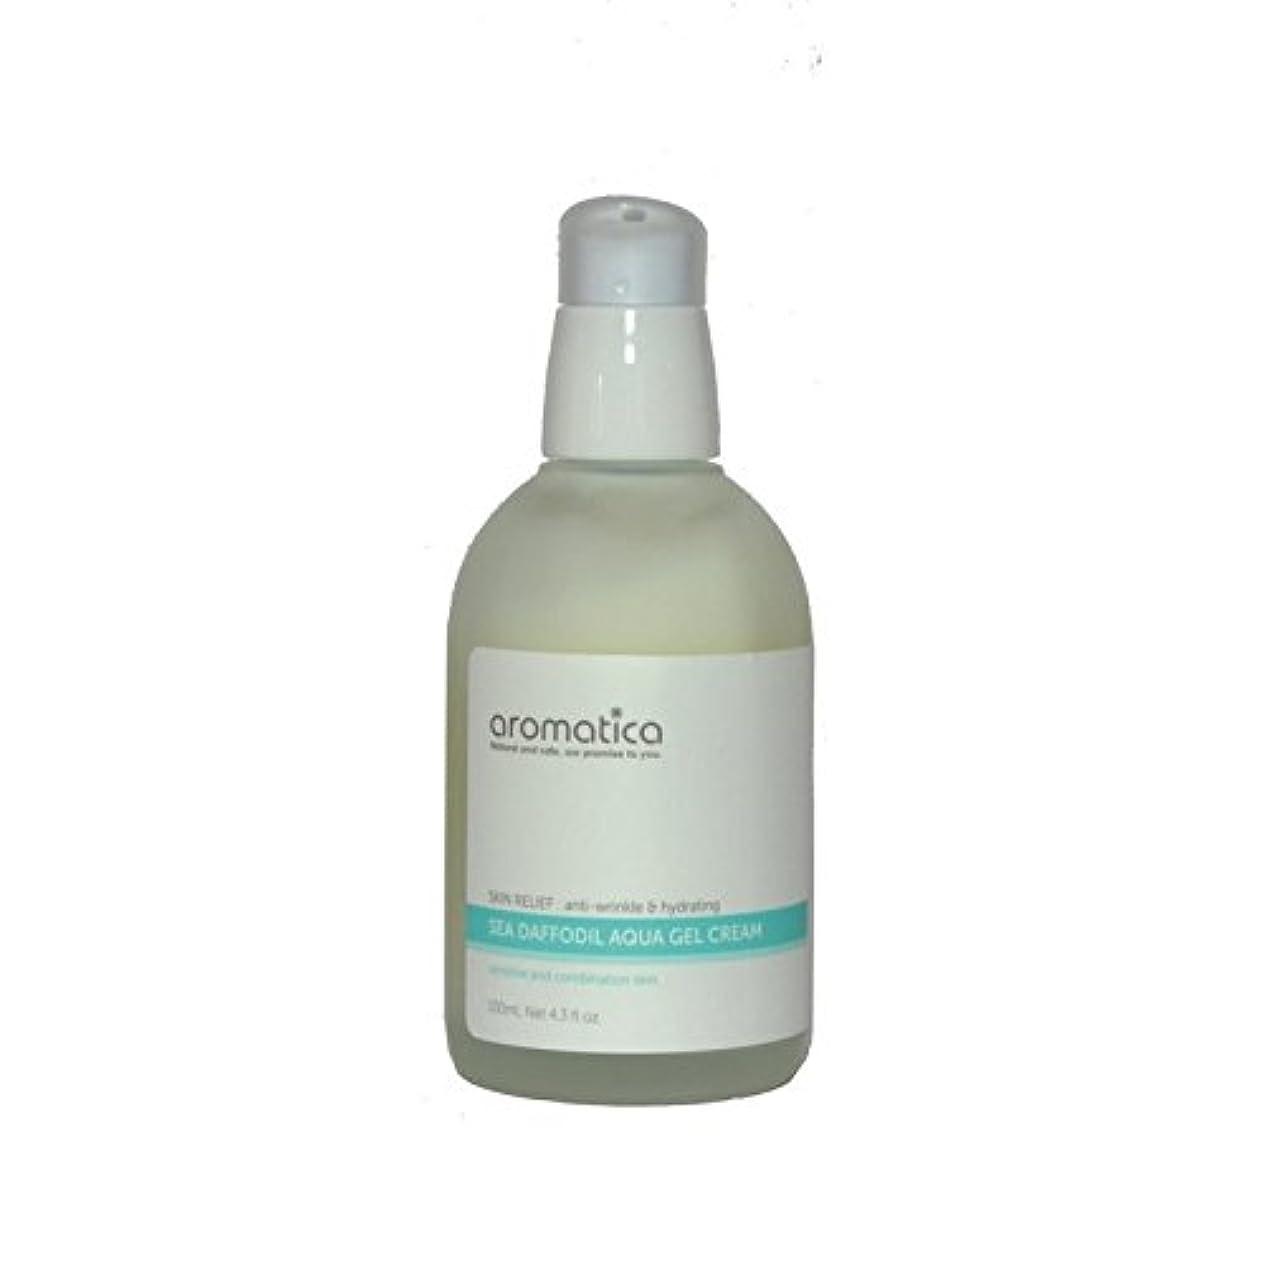 自分自身相対サイズ粒aromatica Sea Daffodil Aqua Gel Cream 100ml - 海水仙アクアゲルクリーム100ミリリットル [並行輸入品]